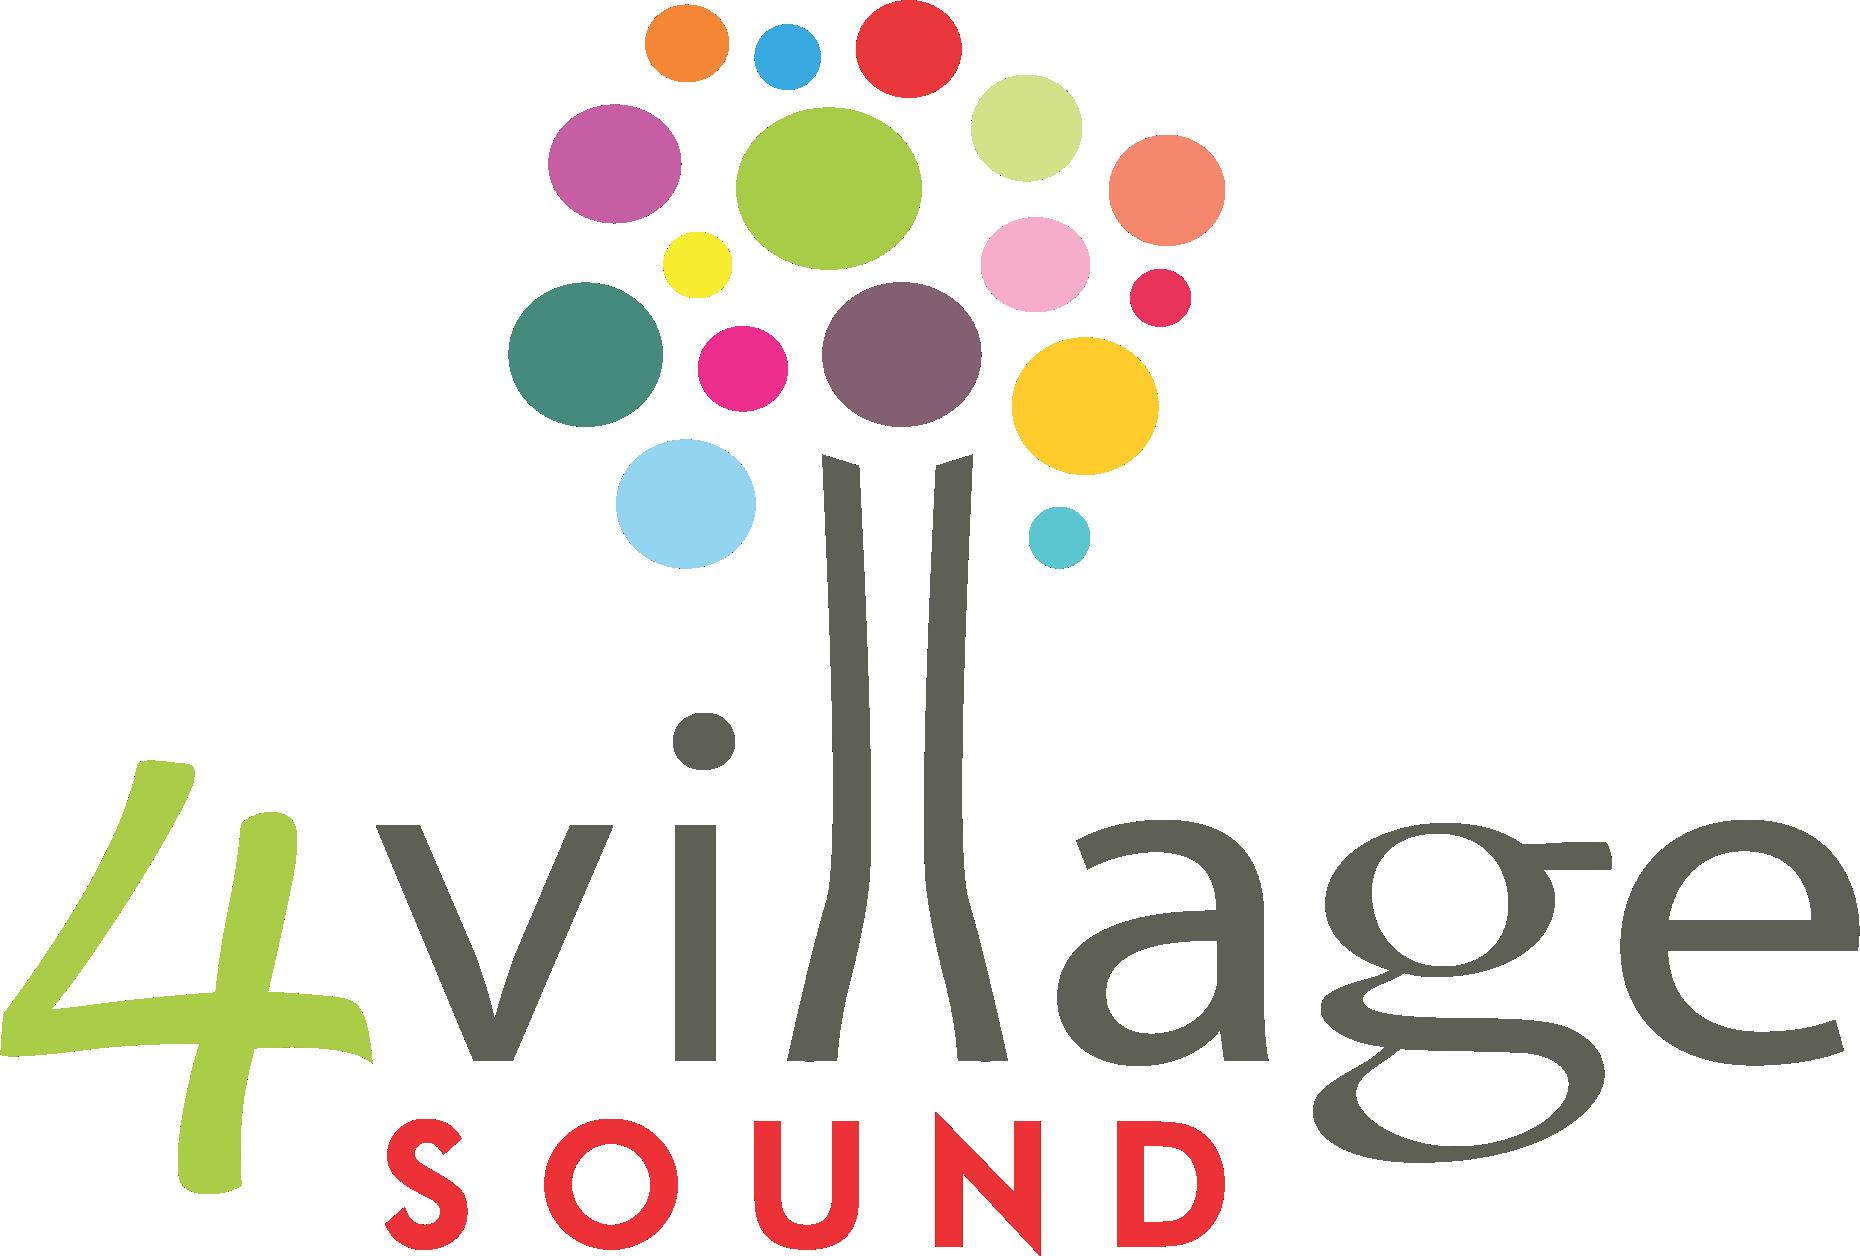 4 Village Sound